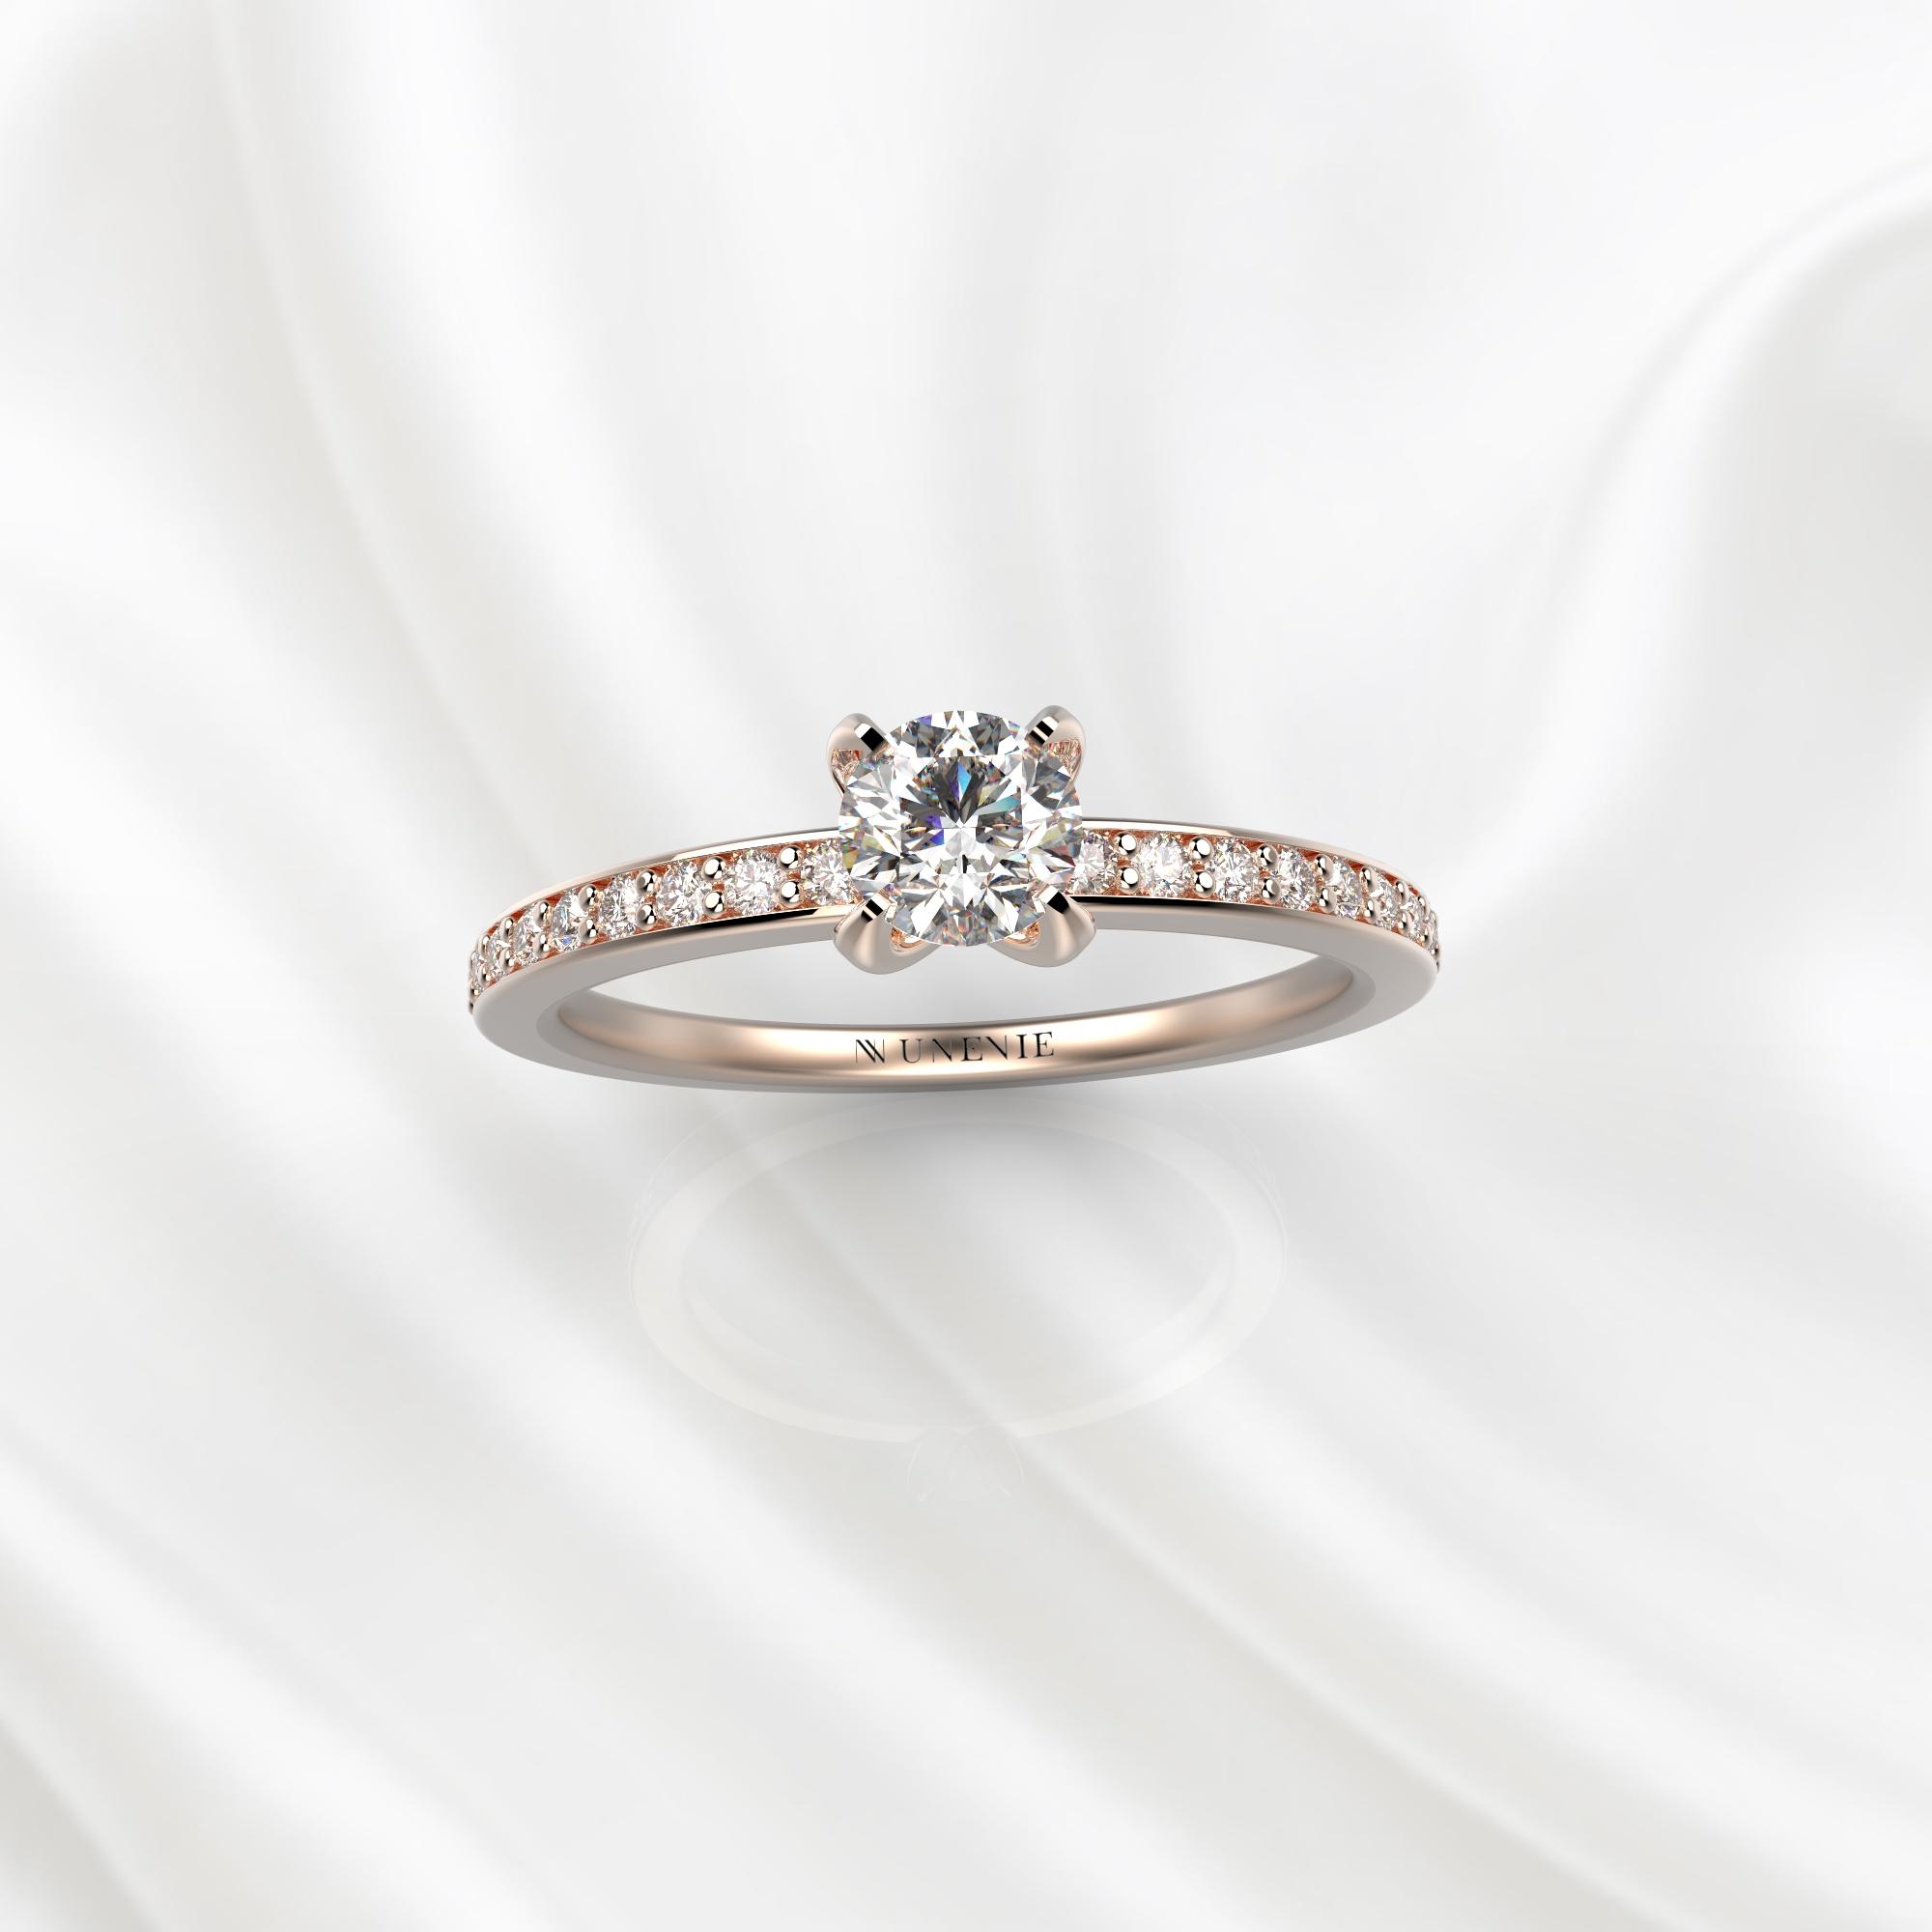 N28 Помолвочное кольцо из розового золота с бриллиантами